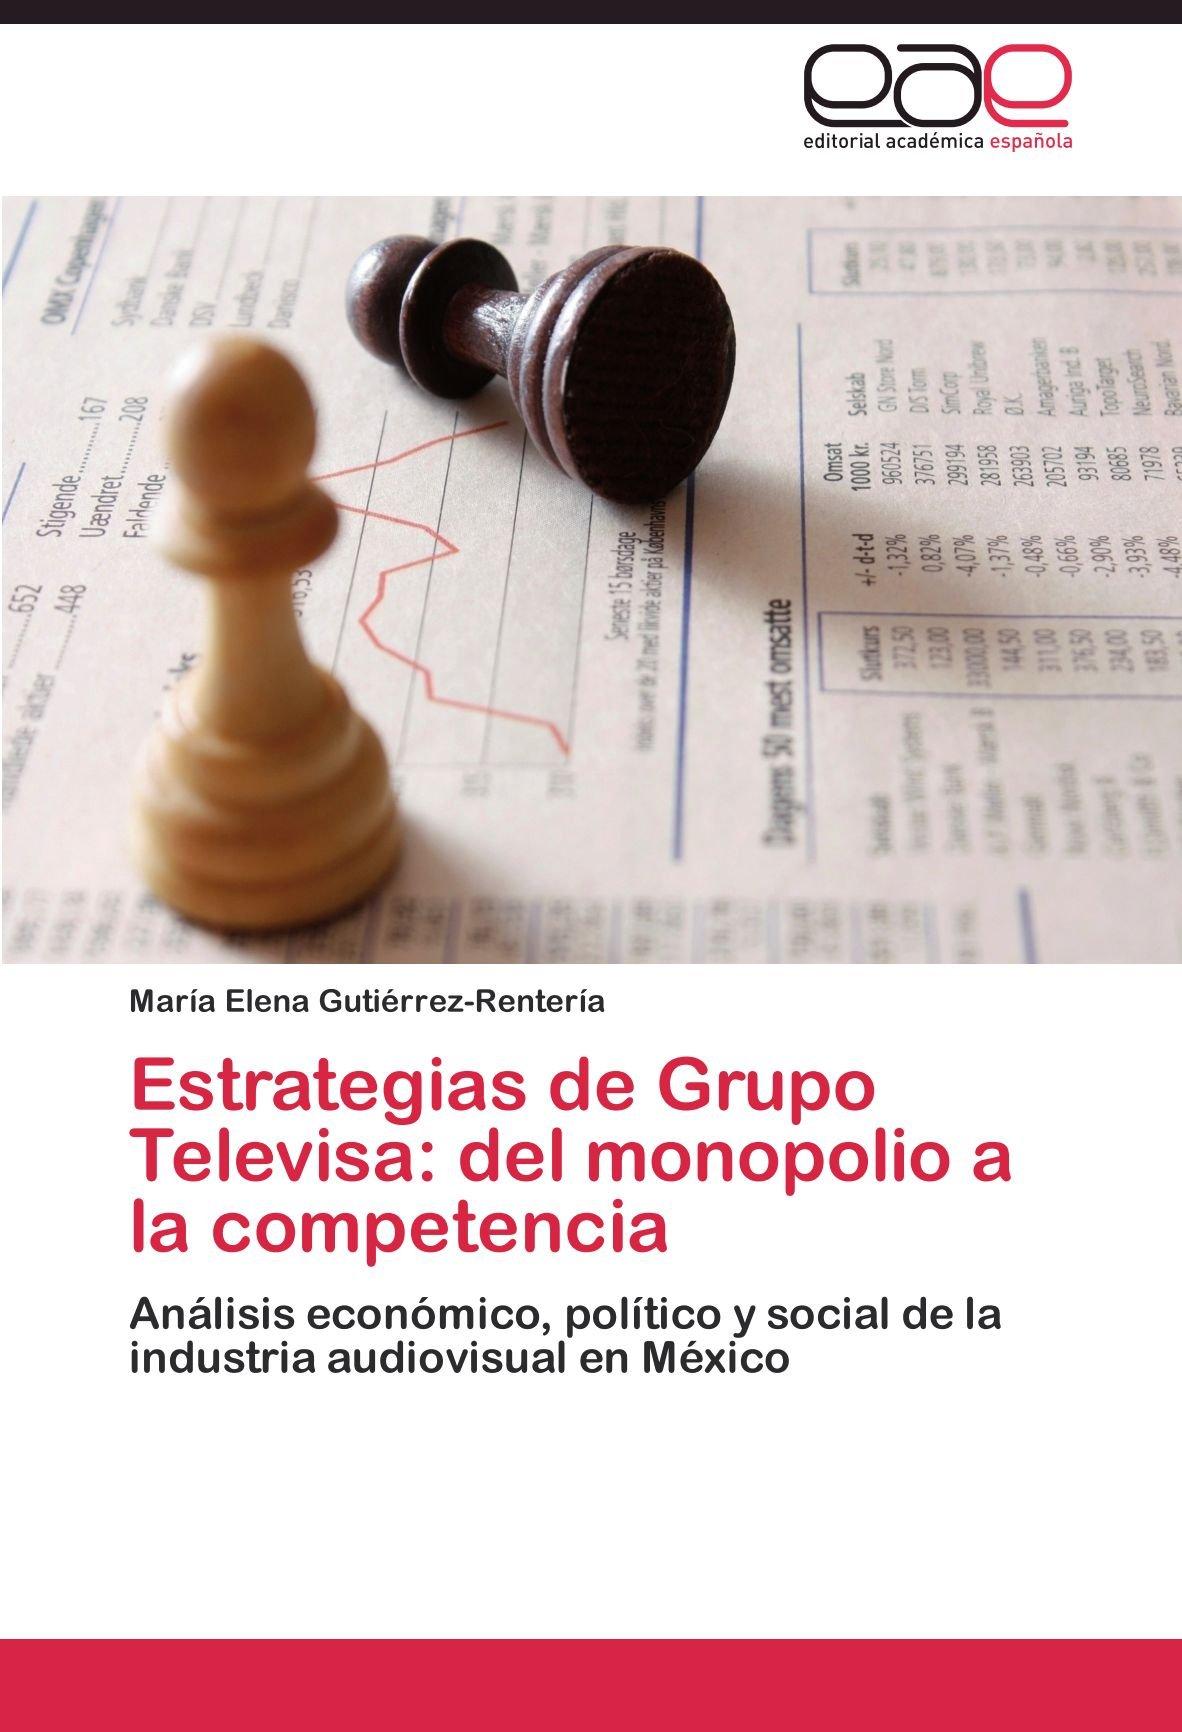 Estrategias de Grupo Televisa: del monopolio a la competencia: Análisis económico, político y social de la industria audiovisual en México (Spanish Edition)